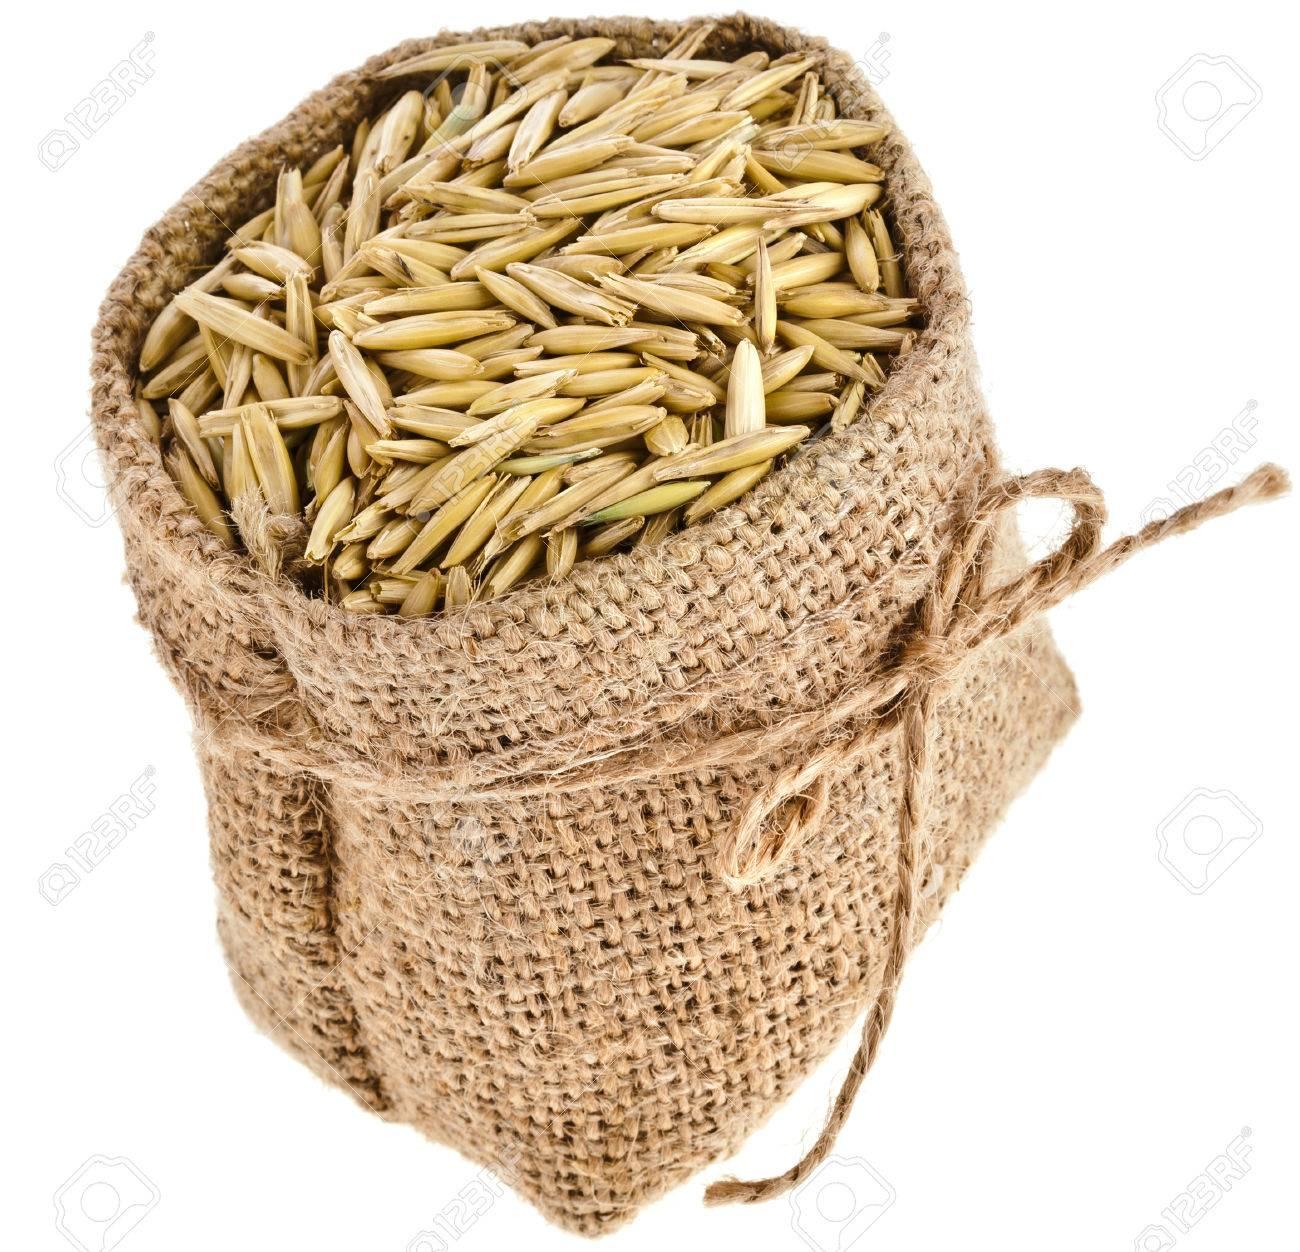 grano de la semilla de avena en bolsa de arpillera saco aislado en el fondo blanco